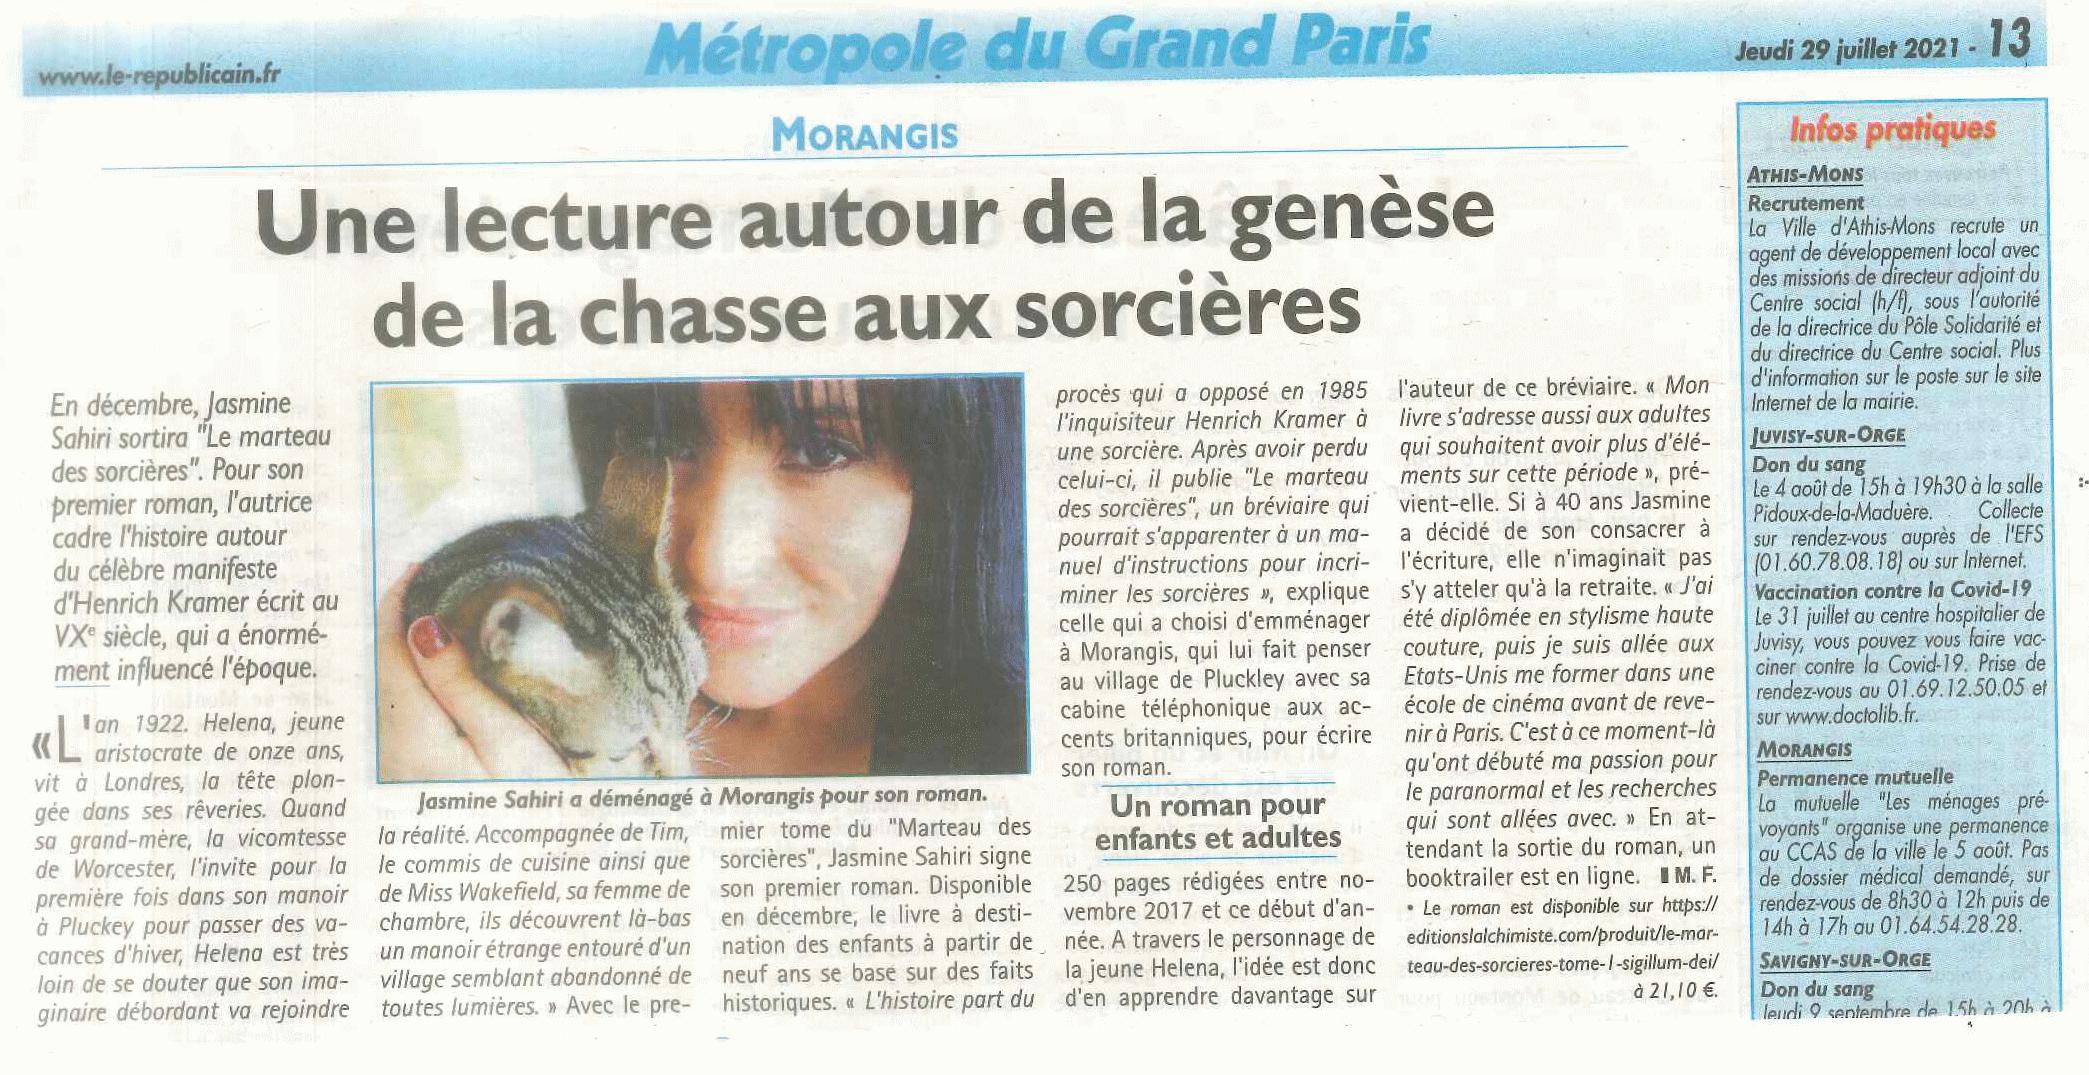 Article Le Marteau des sorcières - Itw Jasmine Sahiri -métropole du Grand Paris - 91